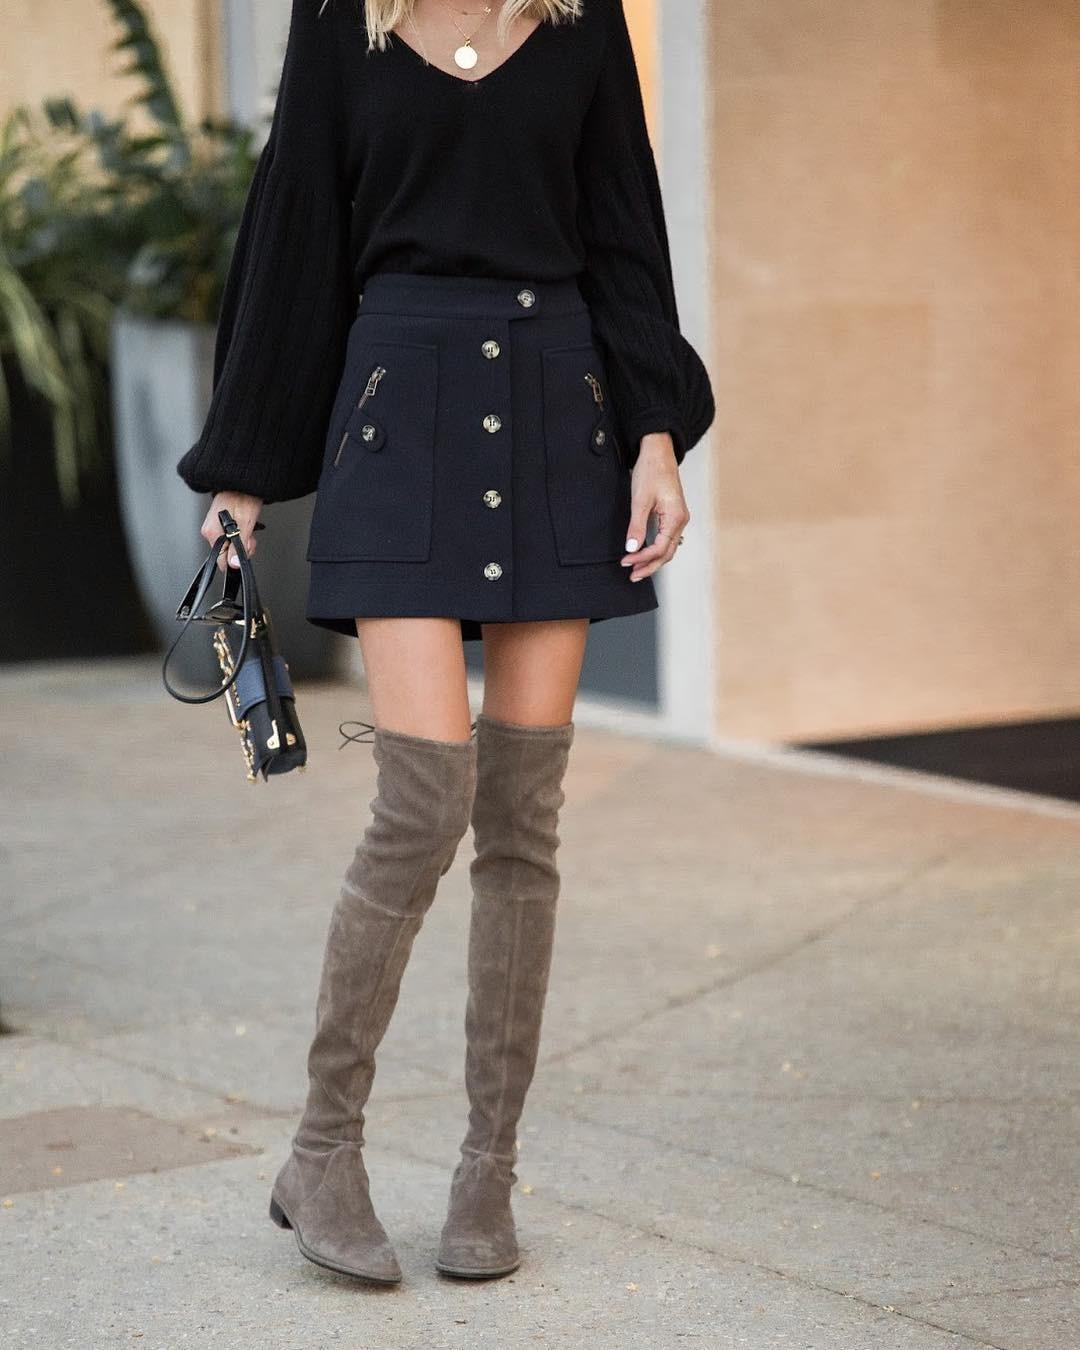 сапоги без каблука серые под юбку короткую